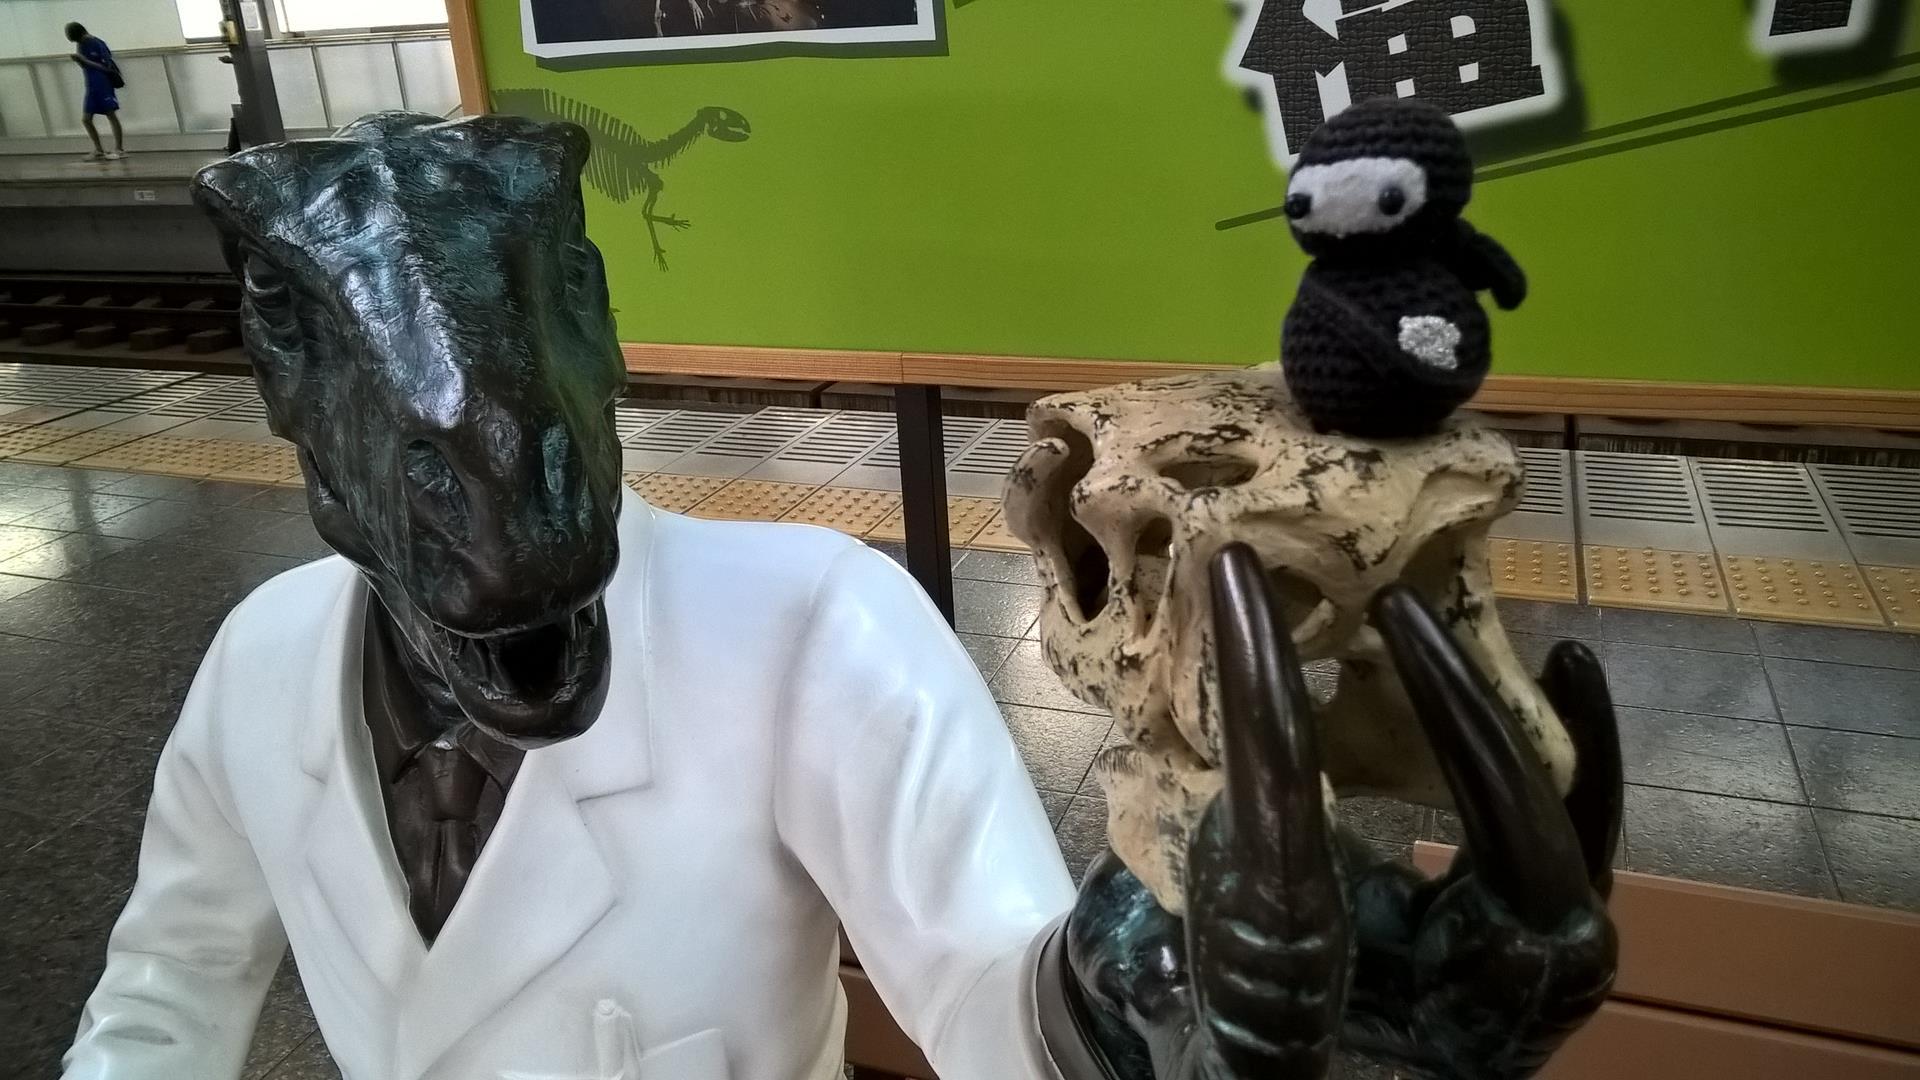 Neumel und die Dinosaurer: So ein Duell gabs doch schon mal in San Francisco